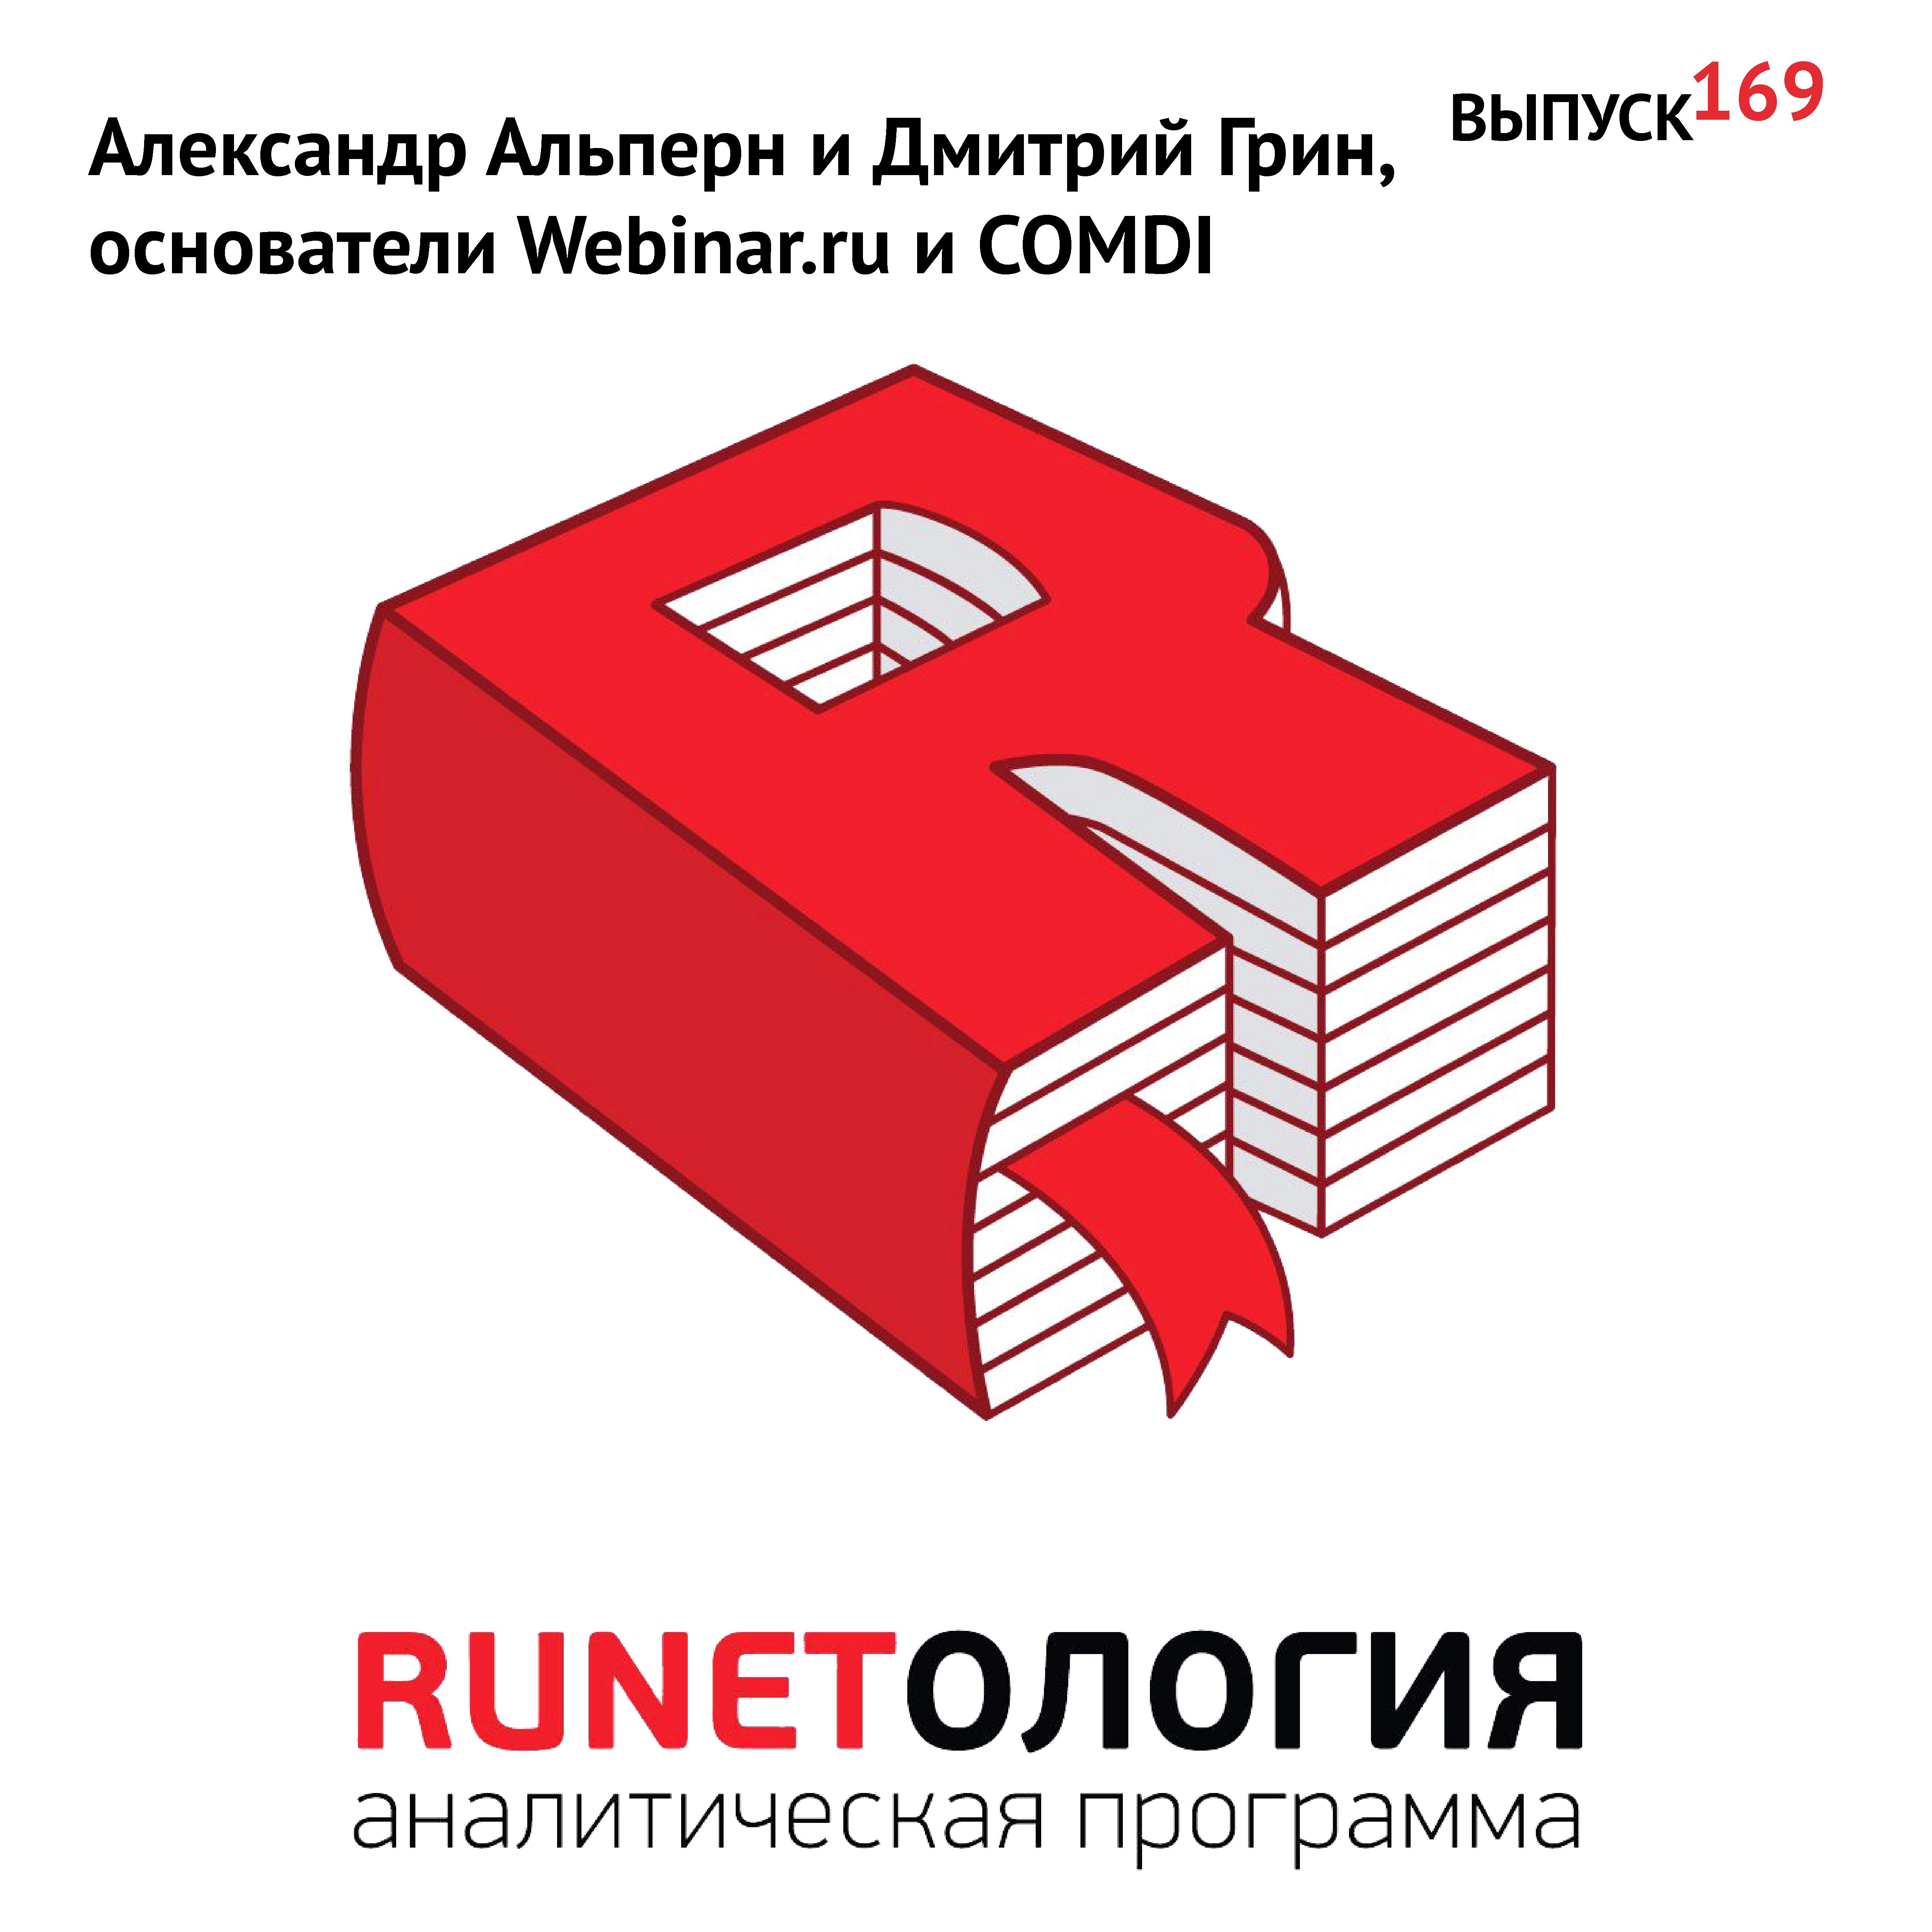 Максим Спиридонов Александр Альперн и Дмитрий Грин, основатели Webinar.ru и COMDI